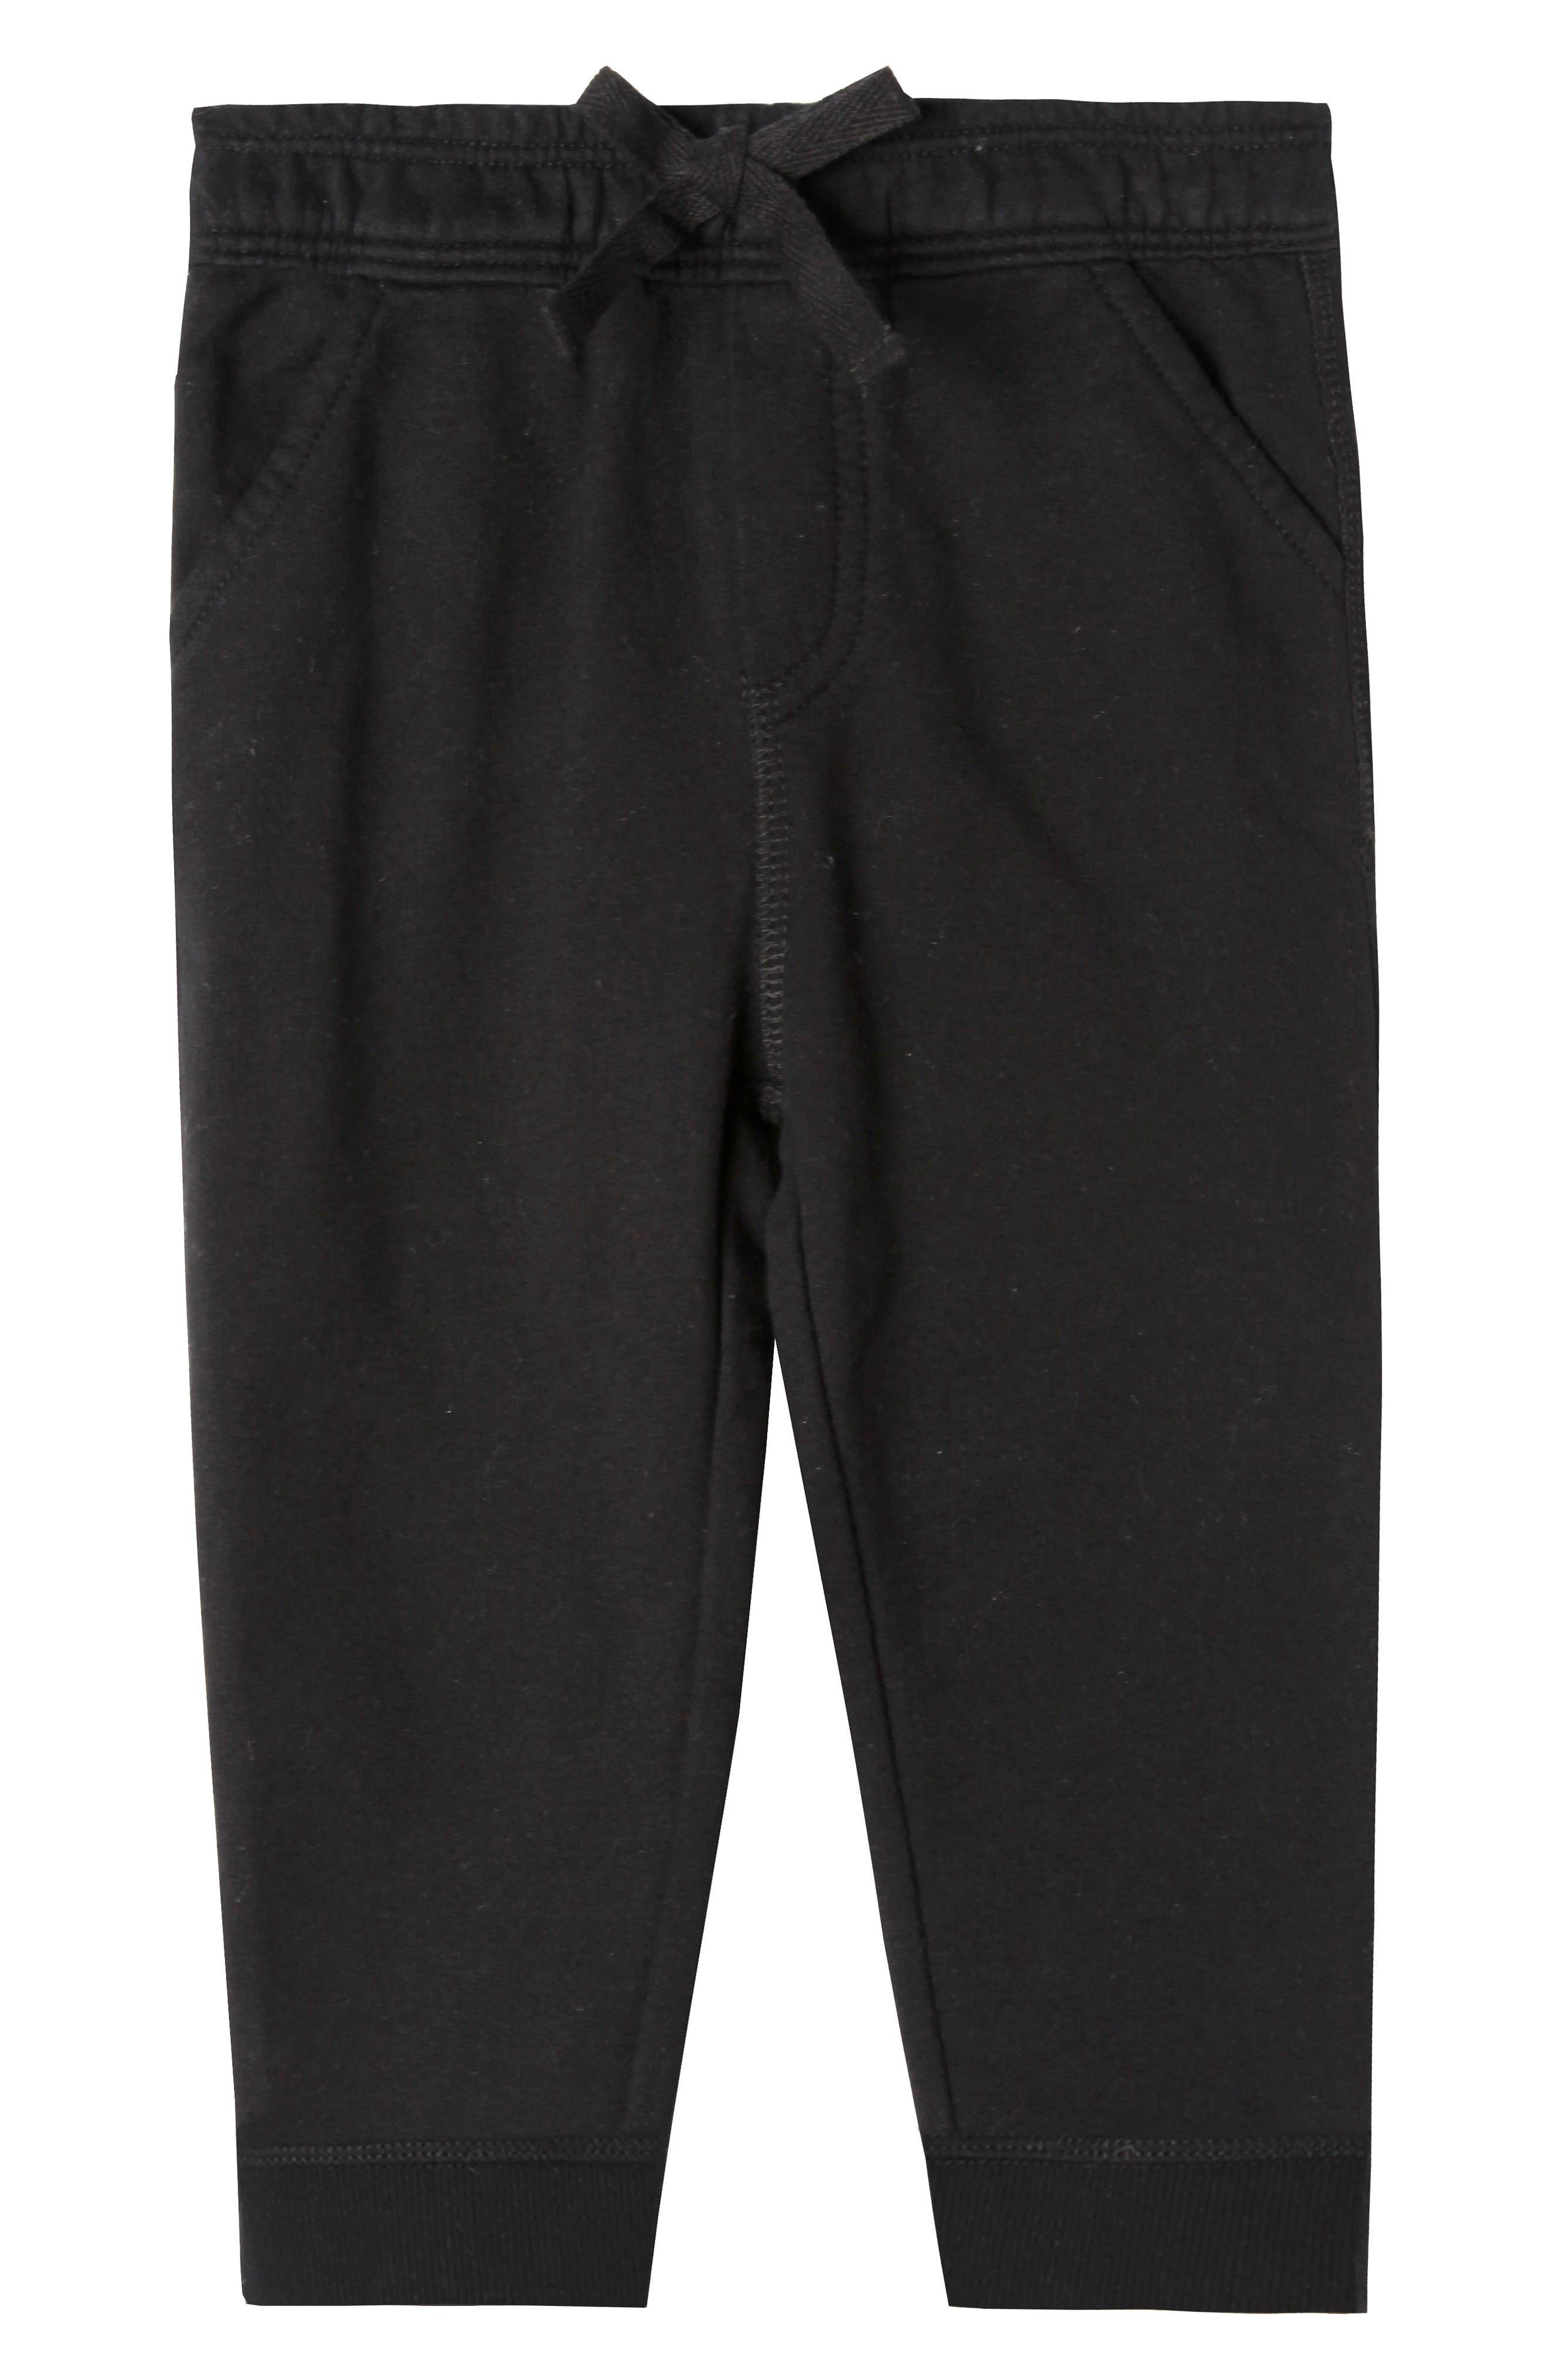 Joseph Organic Cotton Pants,                             Main thumbnail 1, color,                             Black